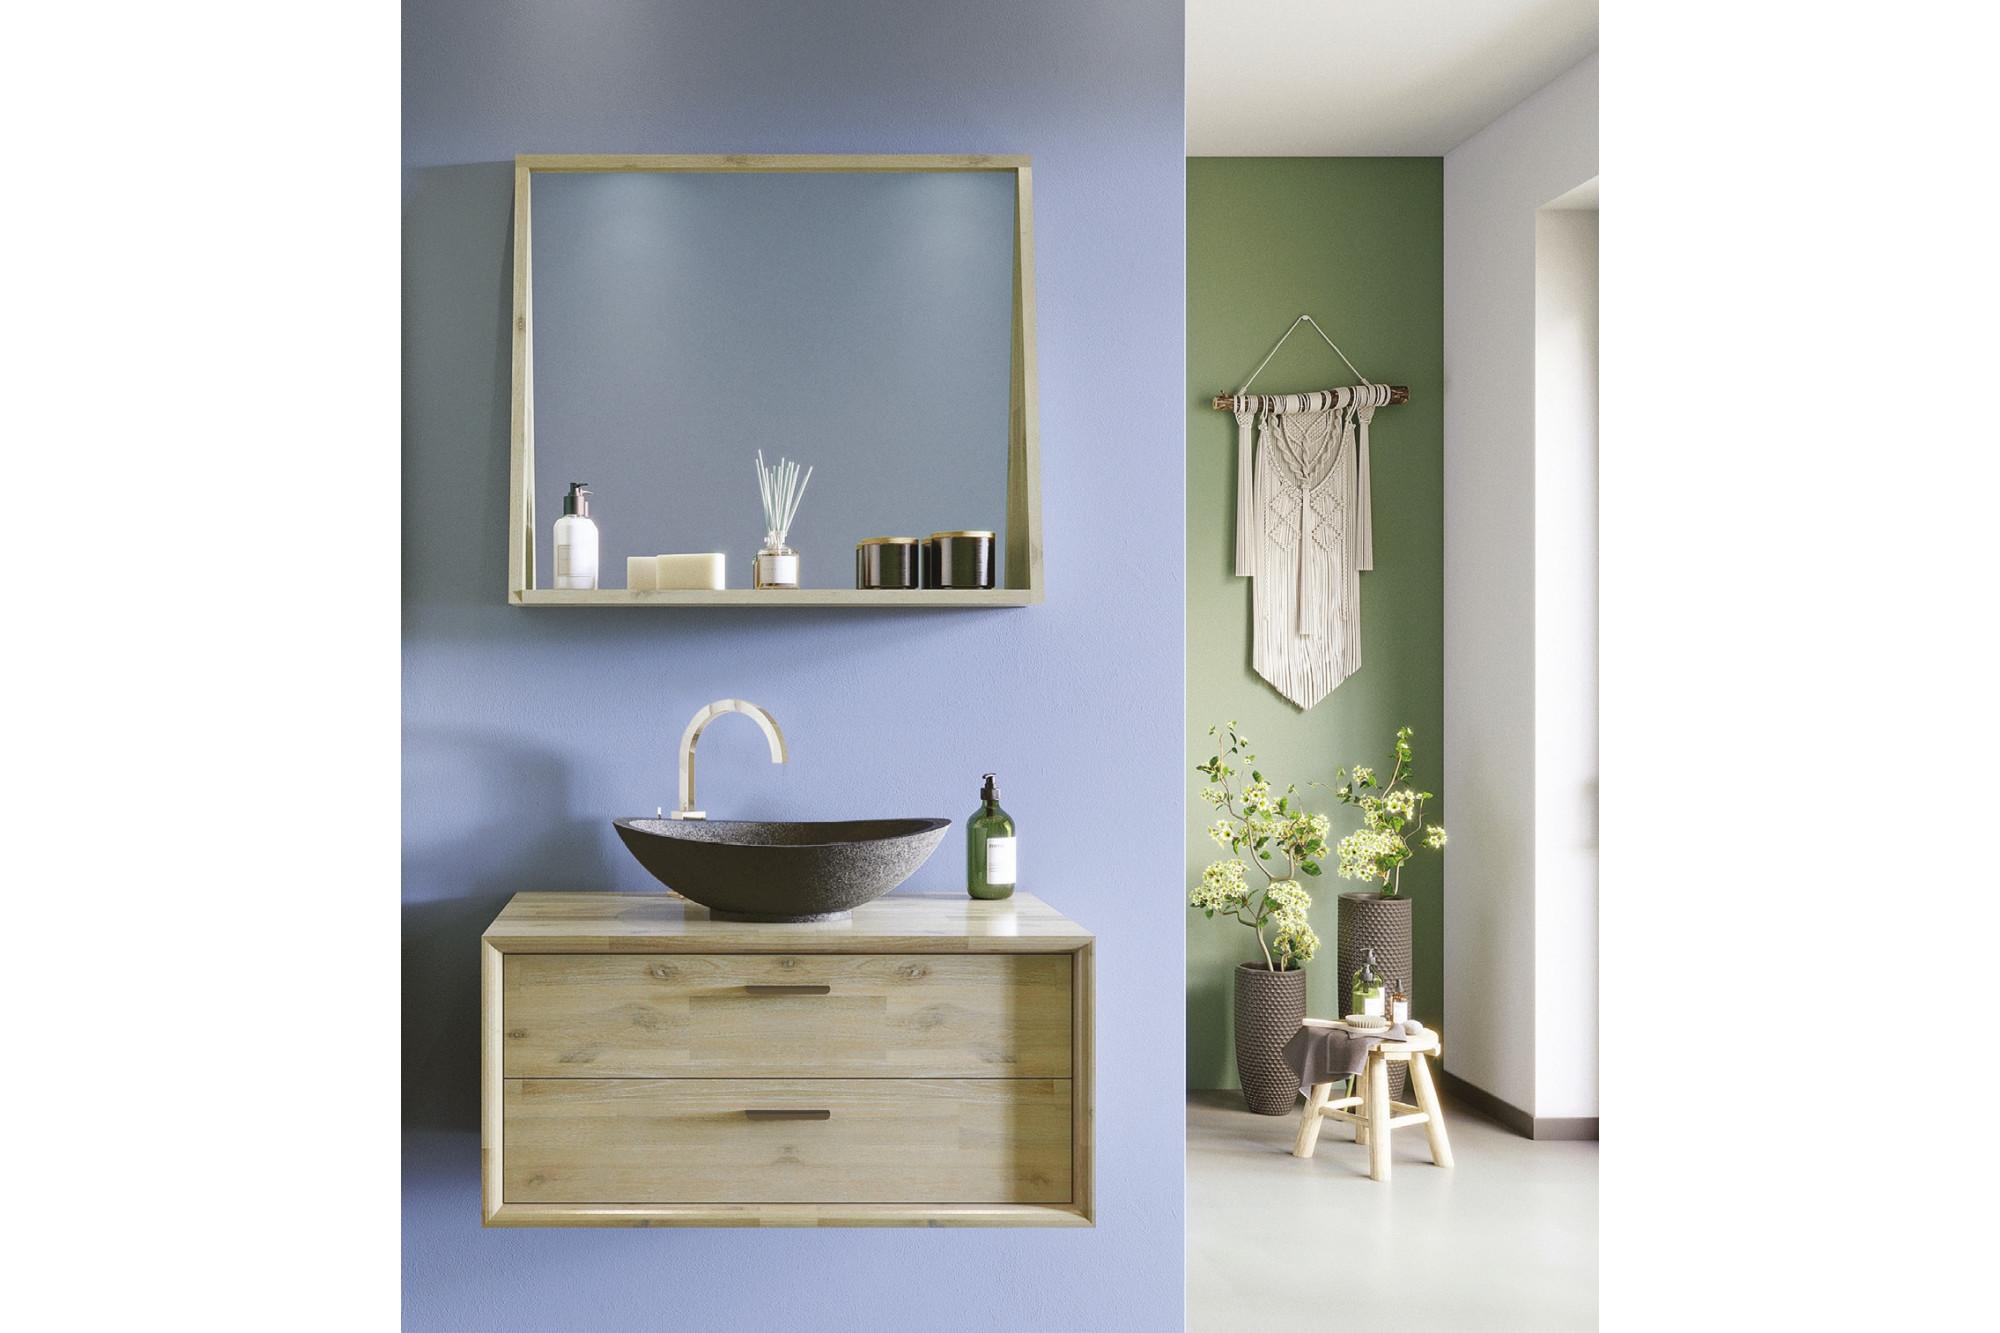 Meuble Haut Salle De Bain Avec Miroir meuble de salle de bain en bois massif avec vasque en pierre naturelle et  miroir - hellin